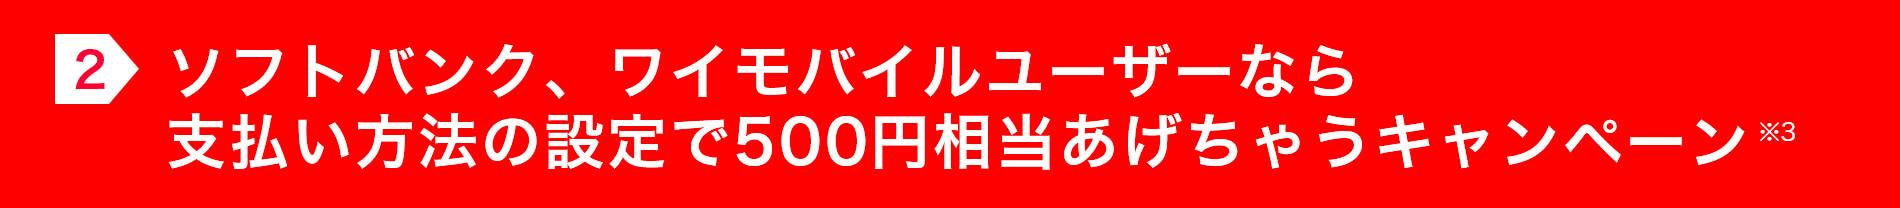 2 ソフトバンク、ワイモバイルユーザーなら支払い方法の設定で500円相当あげちゃうキャンペーン